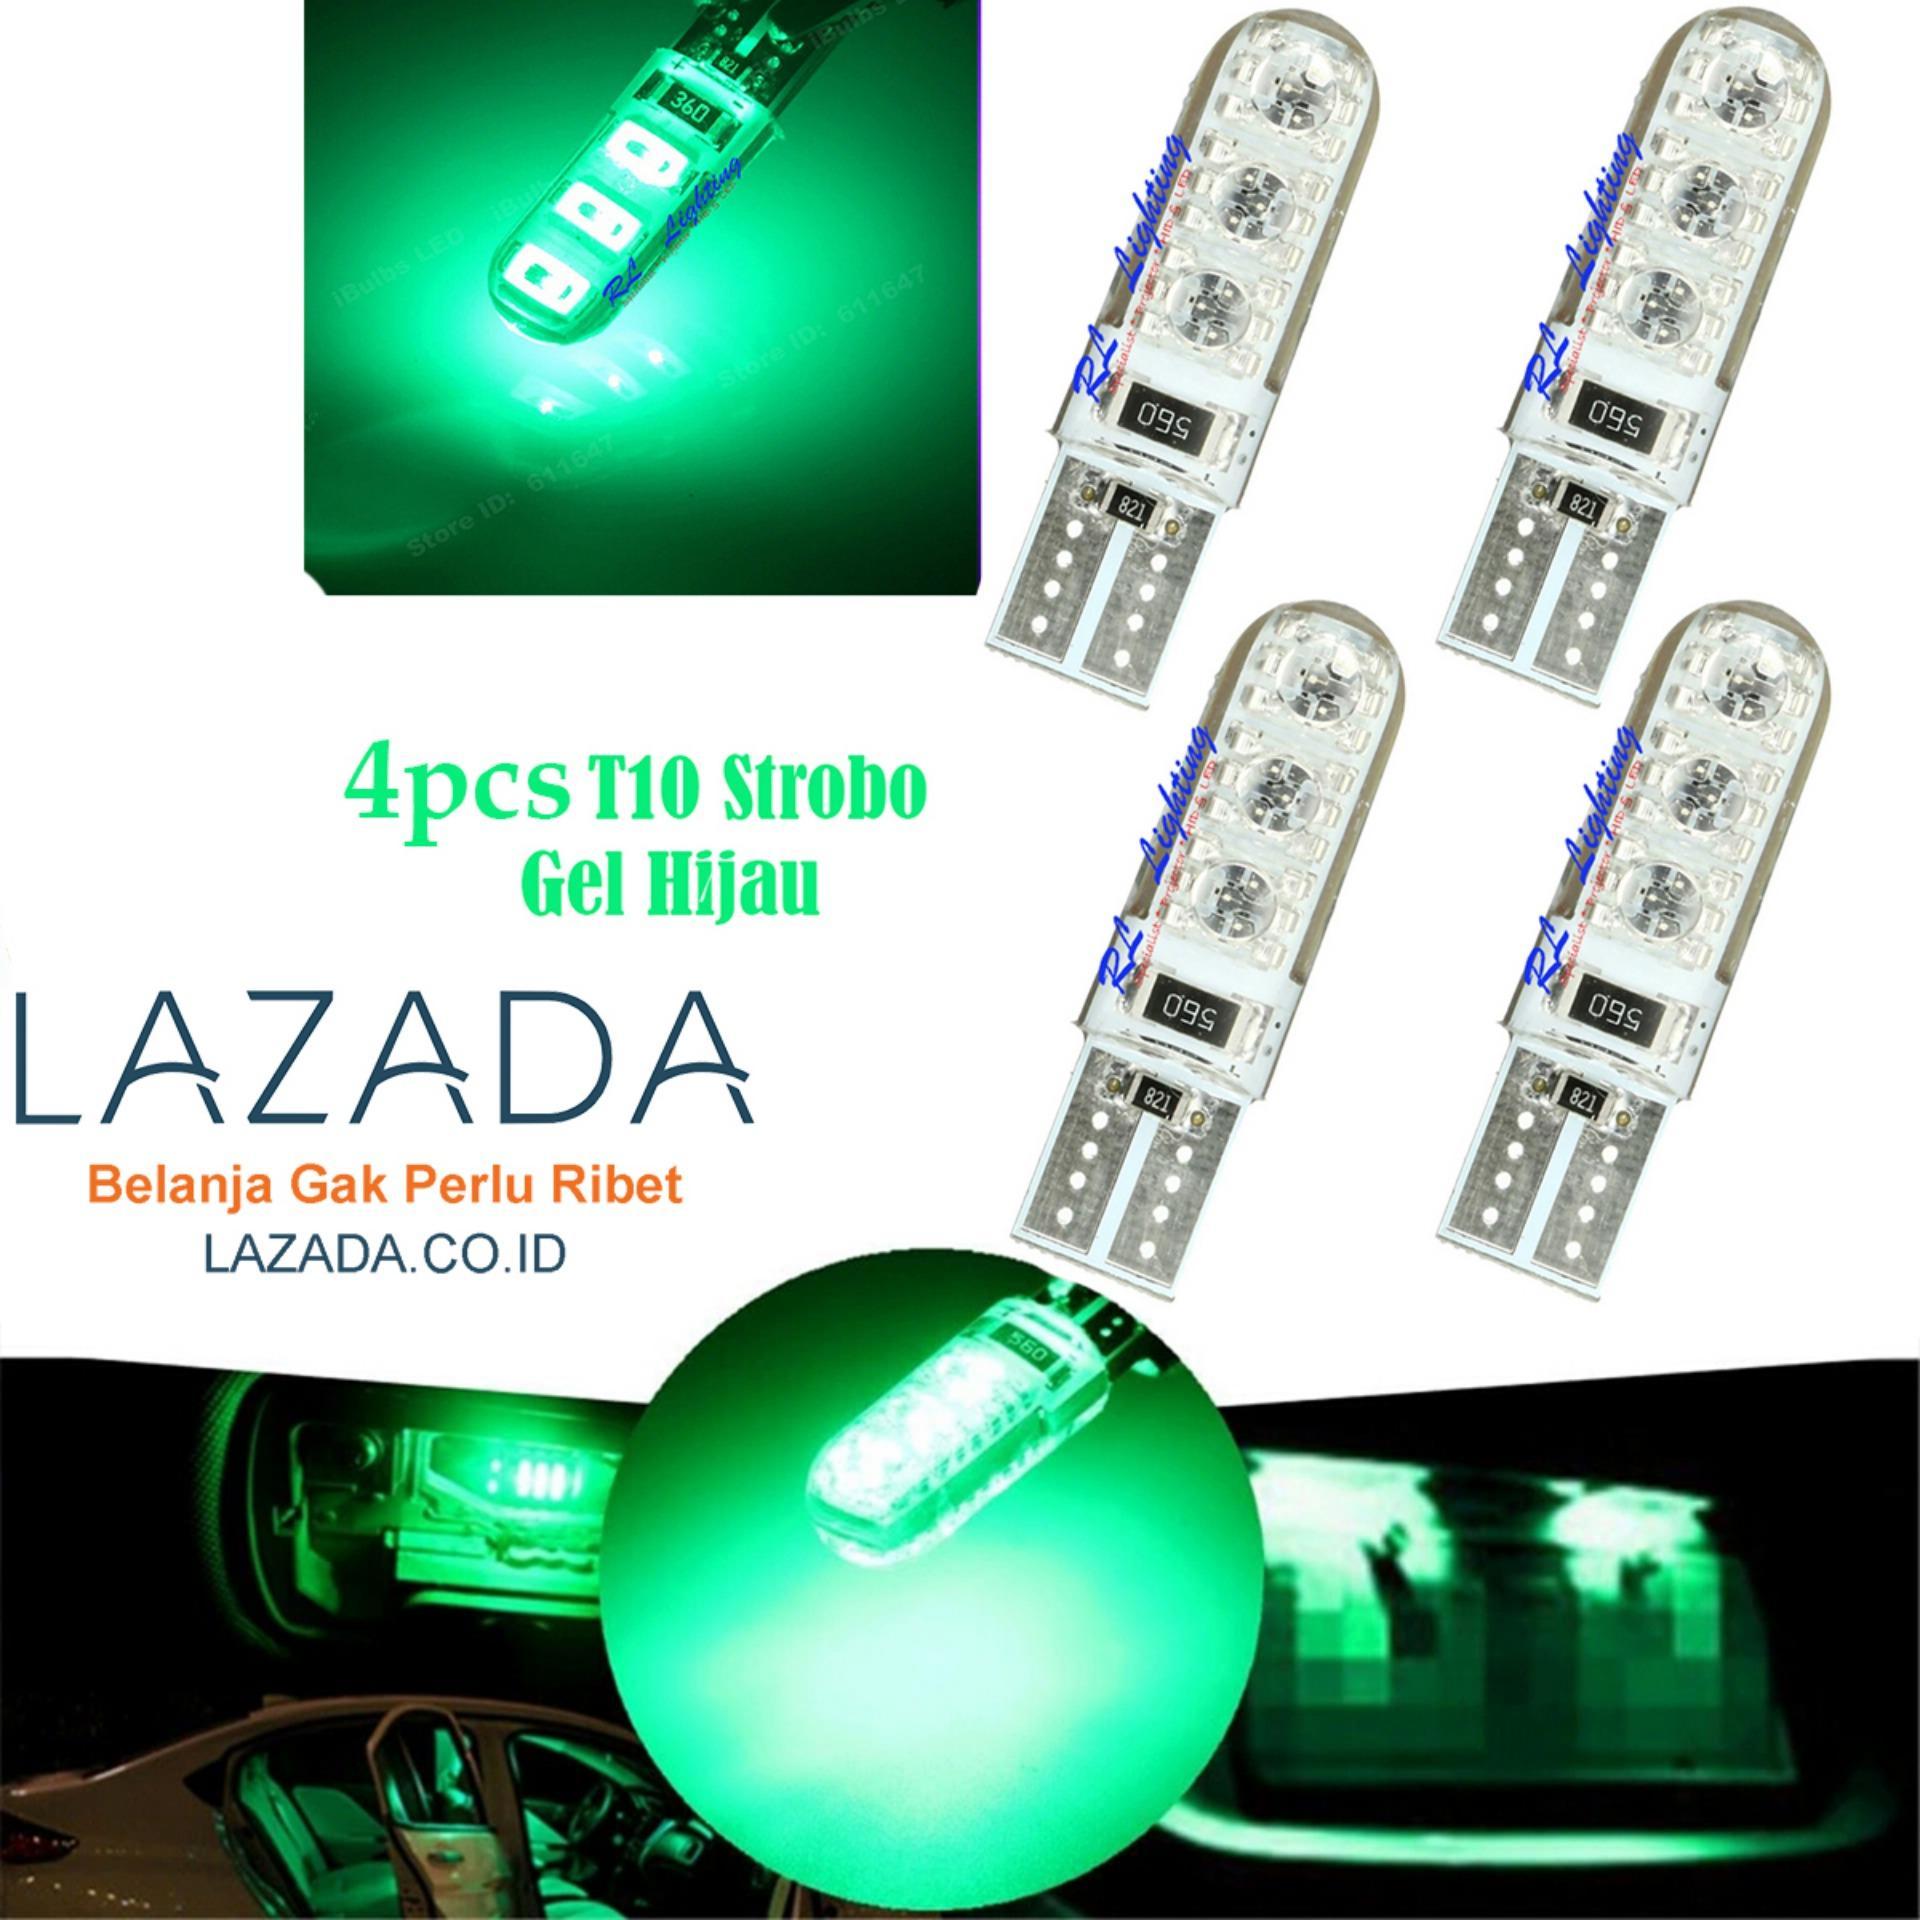 RL Lighting Led T10 Strobo Senja 6Led Gel / Jelly / Silicone Super .